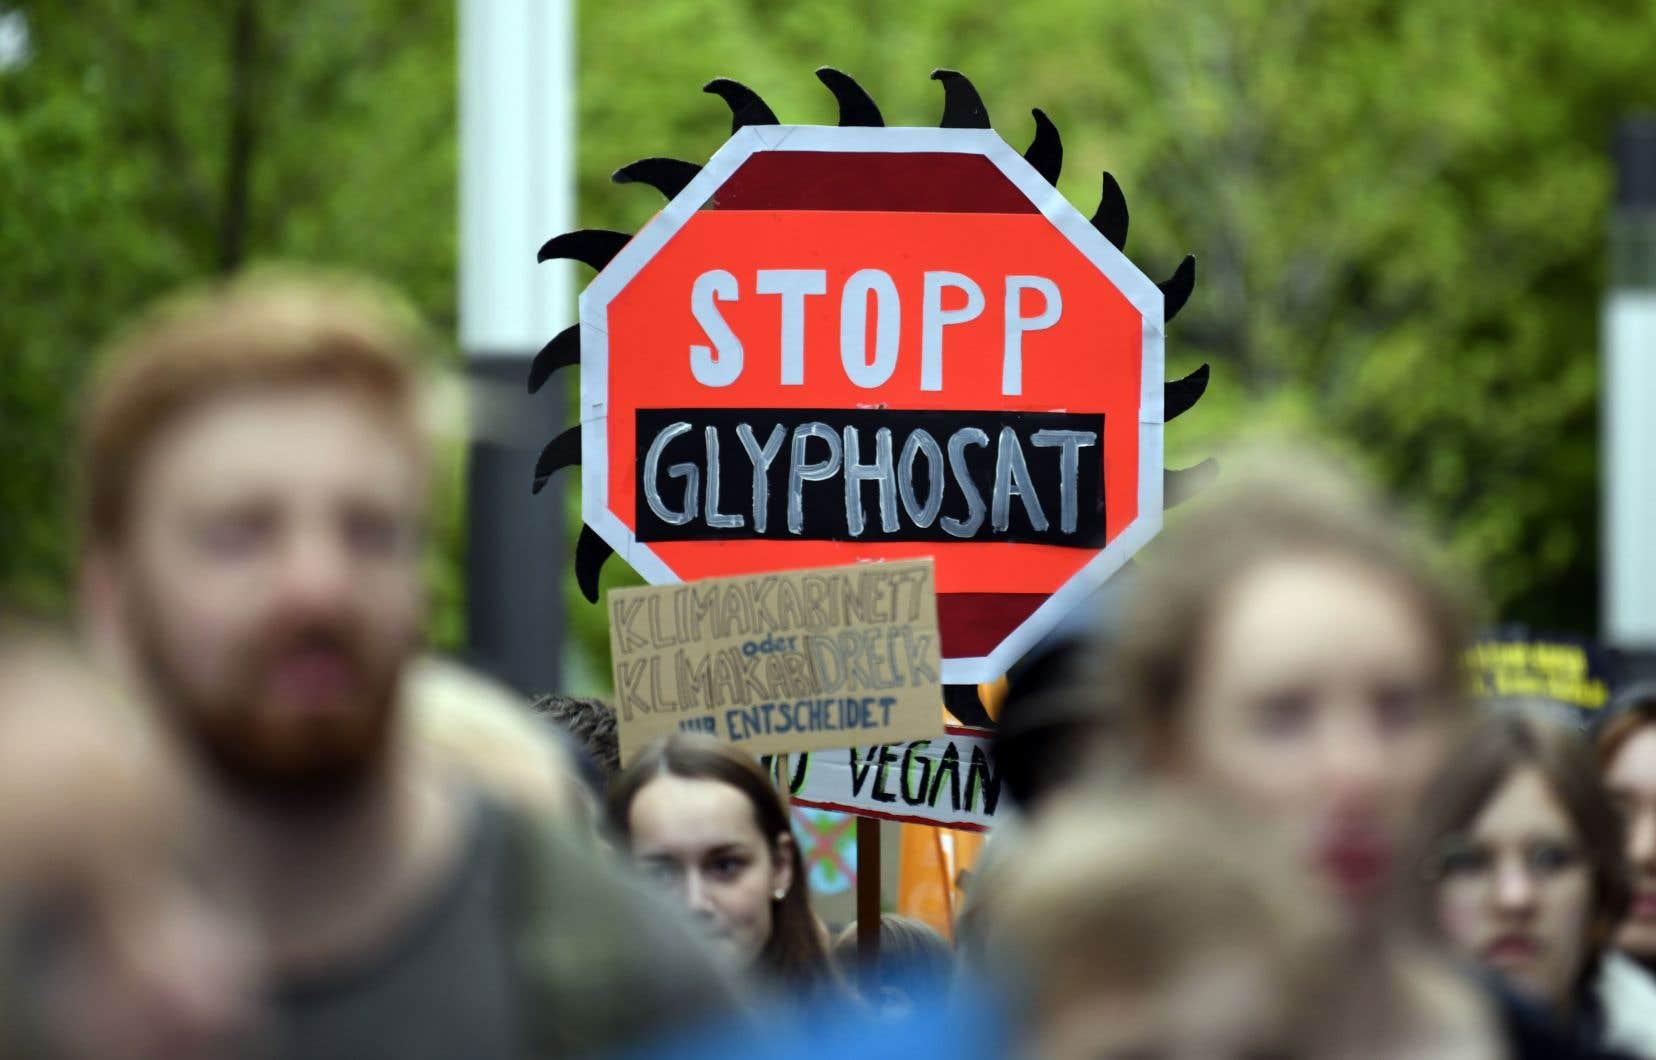 Un militant a profité de l'assemblée annuelle du géant chimique Bayer, à Bonn, en Allemagne, pour réclamer le bannissement du glyphosate.